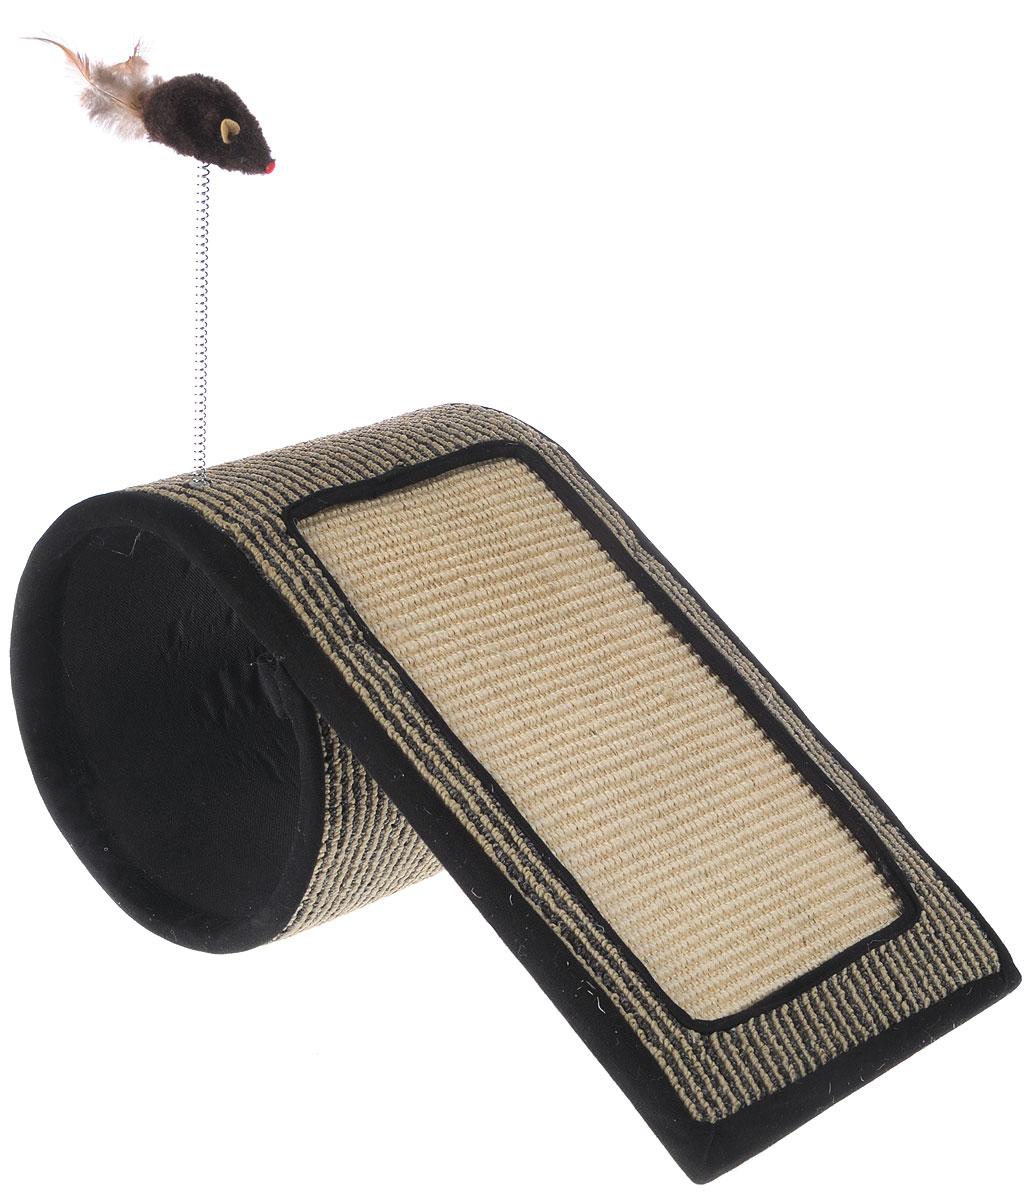 Когтеточка-туннель Triol, с игрушкой, 48 х 26 х 24NT145Когтеточка-туннель Triol станет любимым местом для вашего питомца. Мышка на пружине привлечет дополнительное внимание к когтеточке. Изделие выполнено из ДСП, текстиля, ковролина и сизаля. Структура материала когтеточки позволяет кошачьим лапкам проникать внутрь и извлекаться с высоким трением, так что ороговевшие частички когтя остаются внутри волокон. По своей природе сизаль обладает уникальным антистатическим свойством, следовательно, когтеточка не накапливает пыль, что является дополнительным привлекательным качеством, поскольку облегчает процесс уборки.